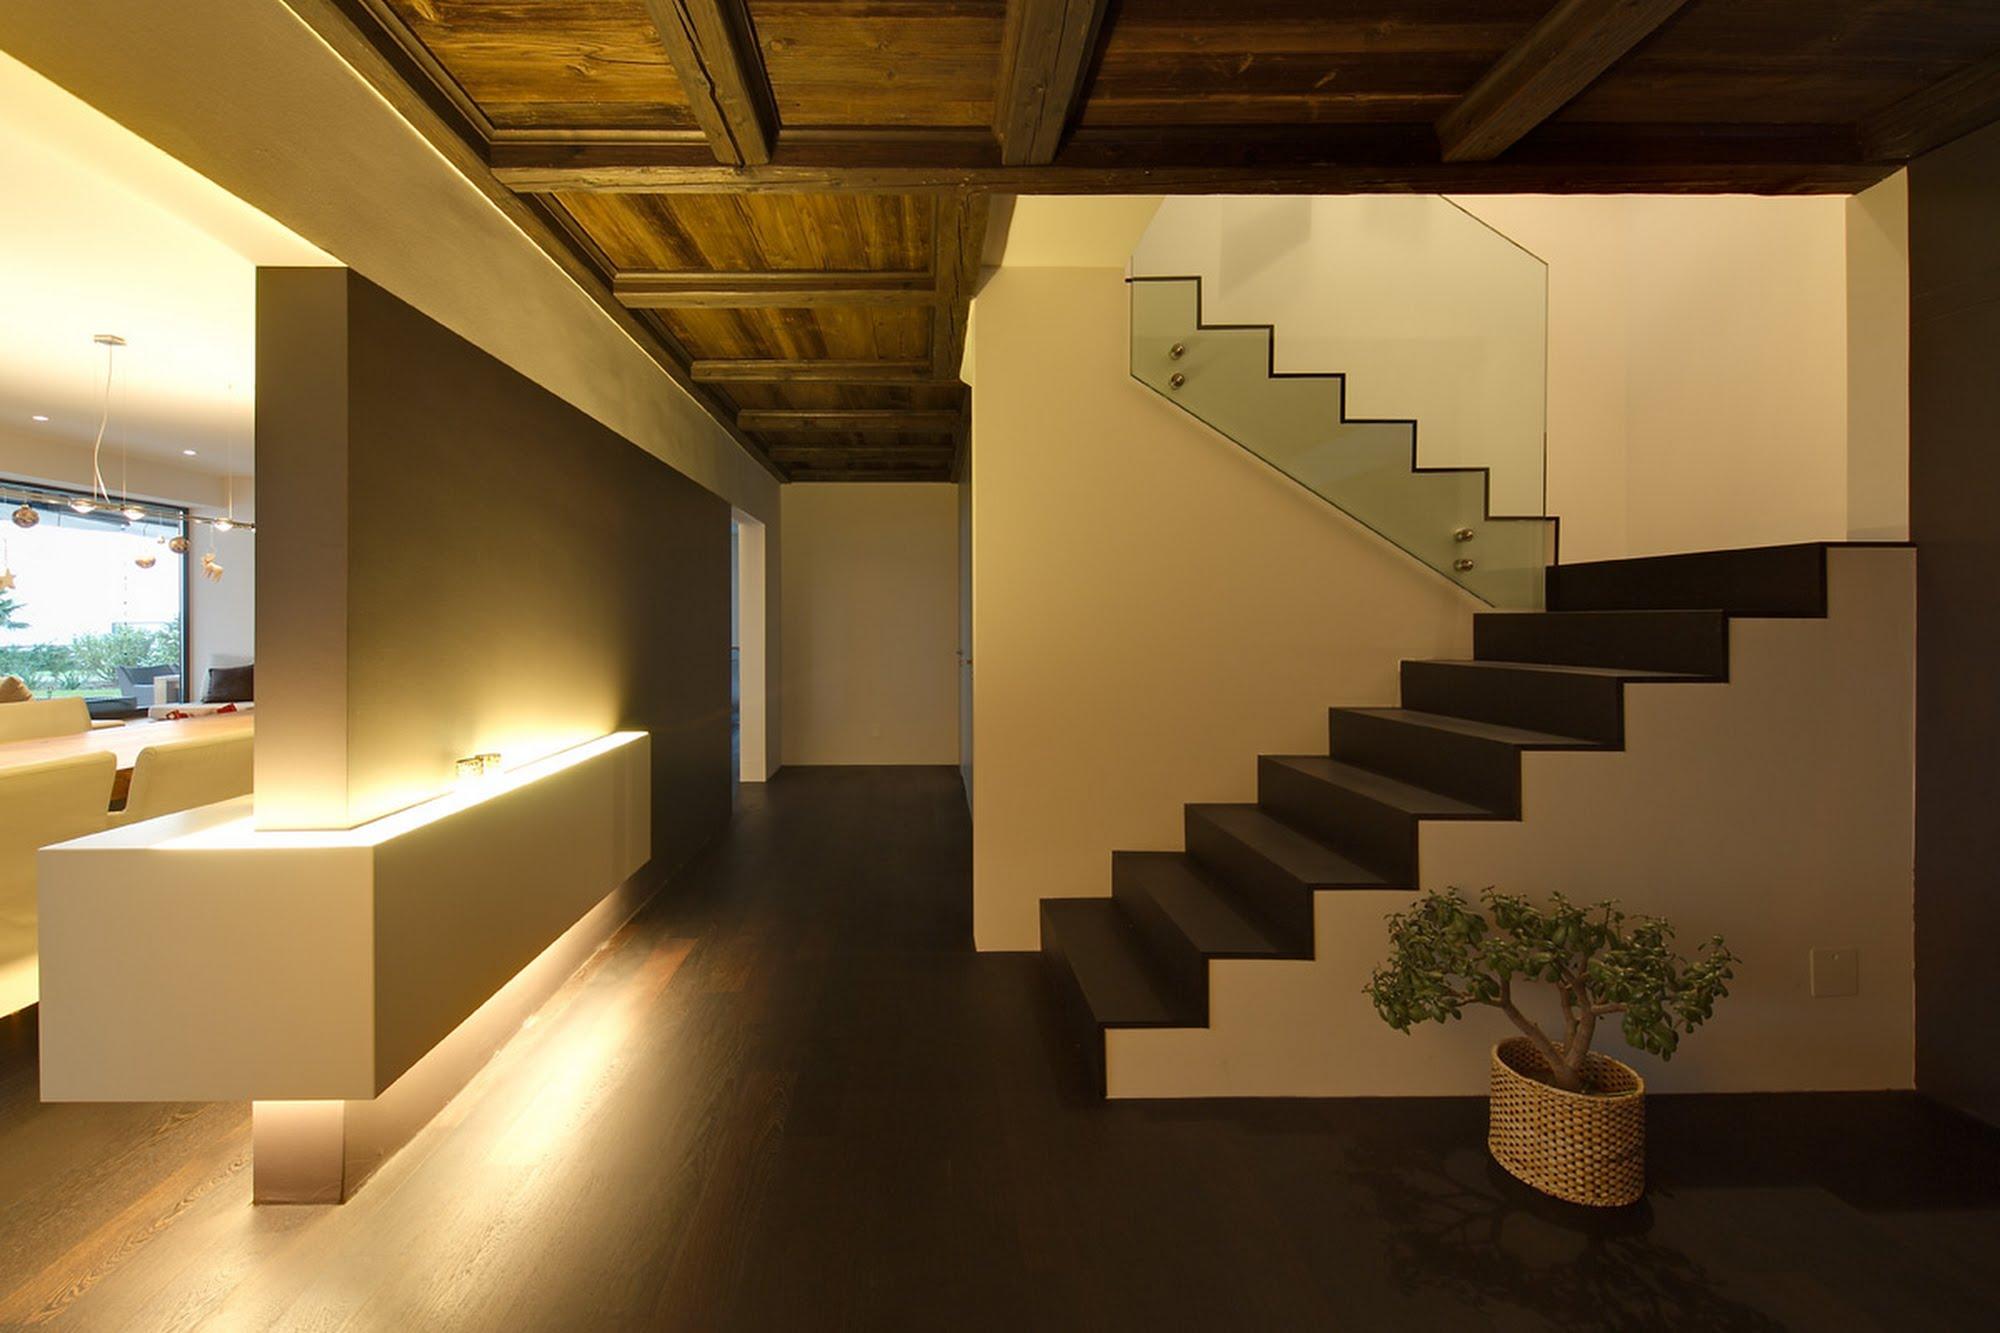 Wohnen EFH EFH in der Isleren Architektur,Wohnungsbau,Wohnhäuser,Einfamilienhäuser,Mehrfamilienhäuser